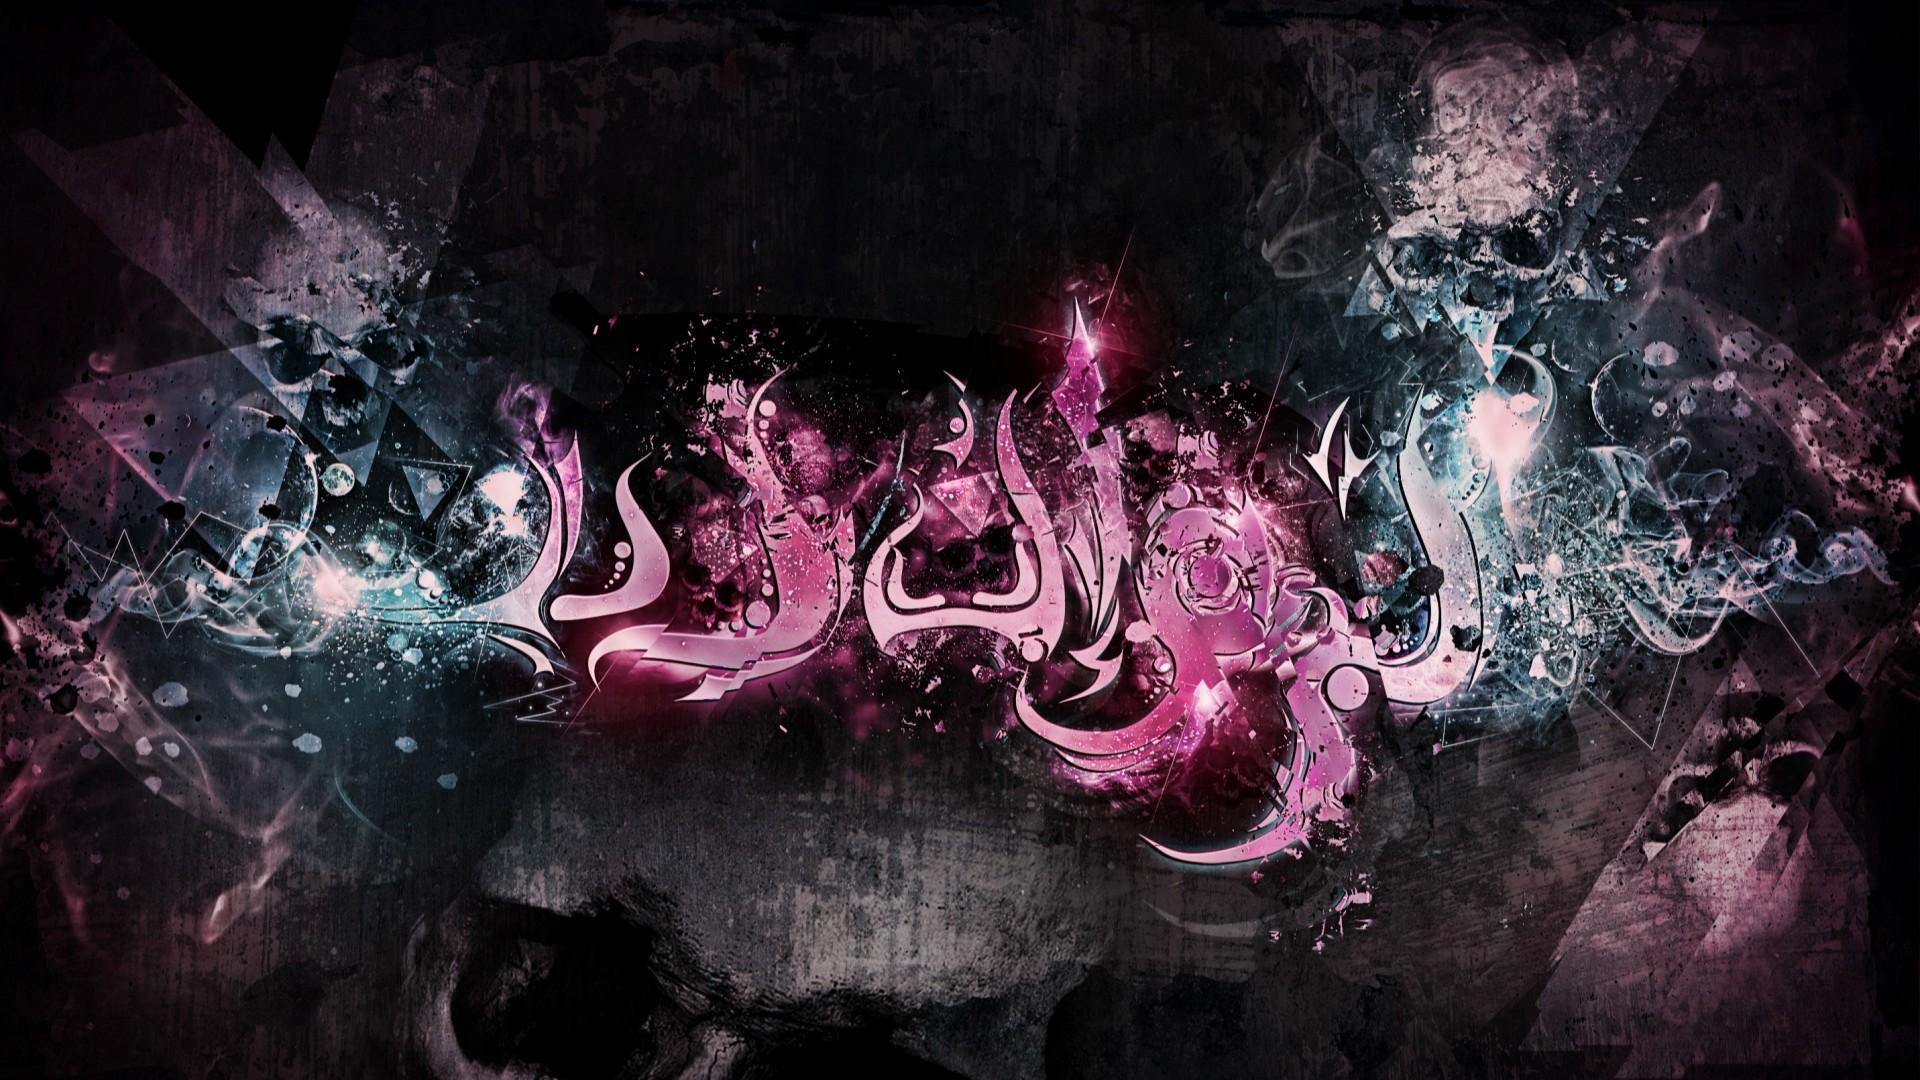 wallpaper.wiki-Arabic-Bosslogic-Wallpaper-PIC-WPC001818